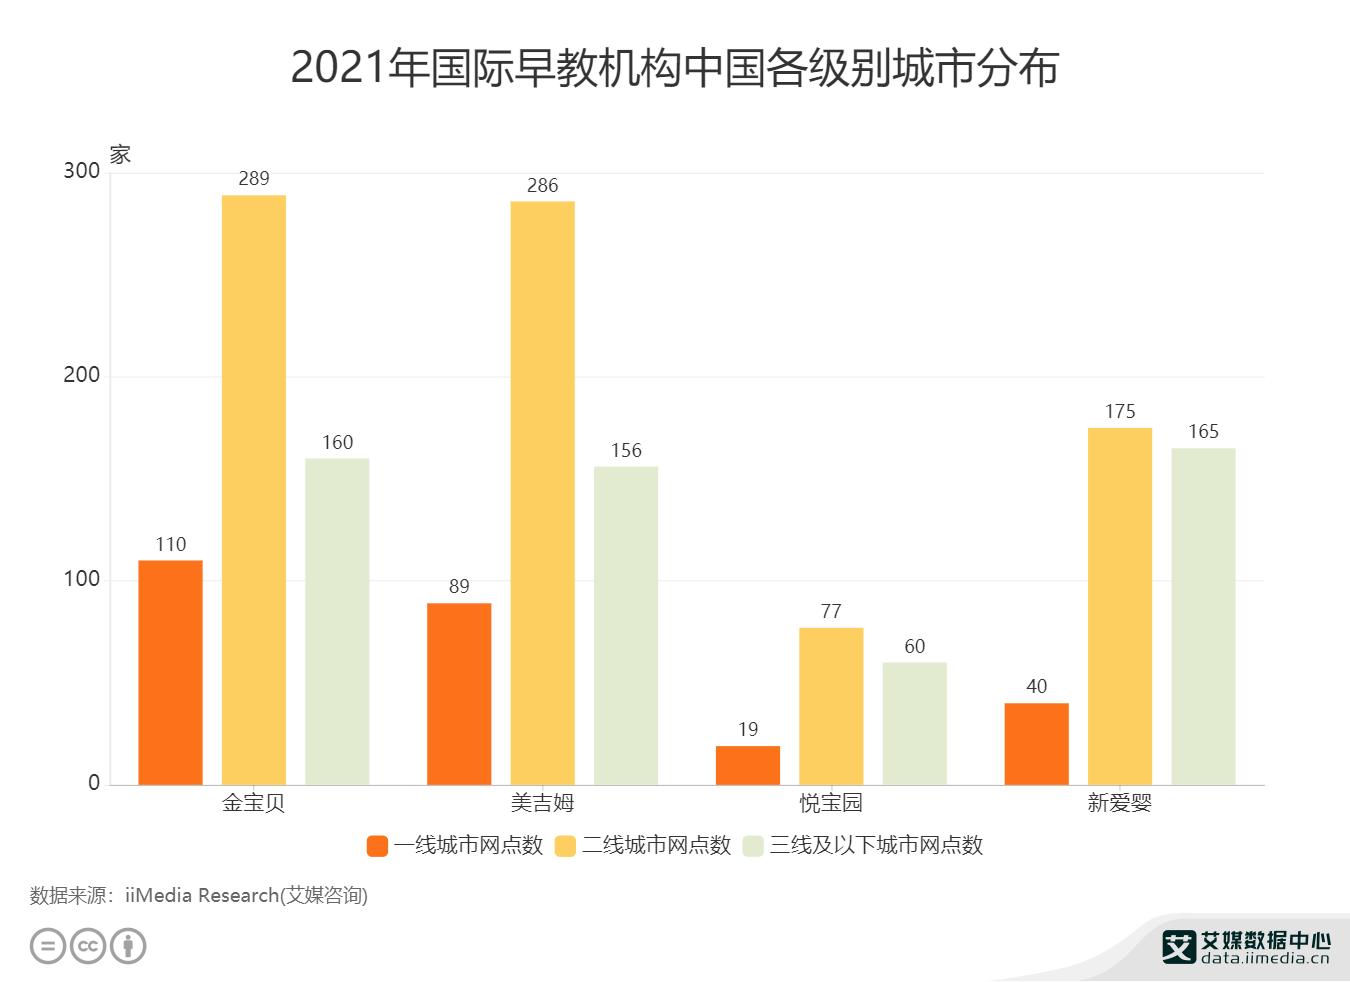 2021年国际早教机构中国各级别城市分布.png